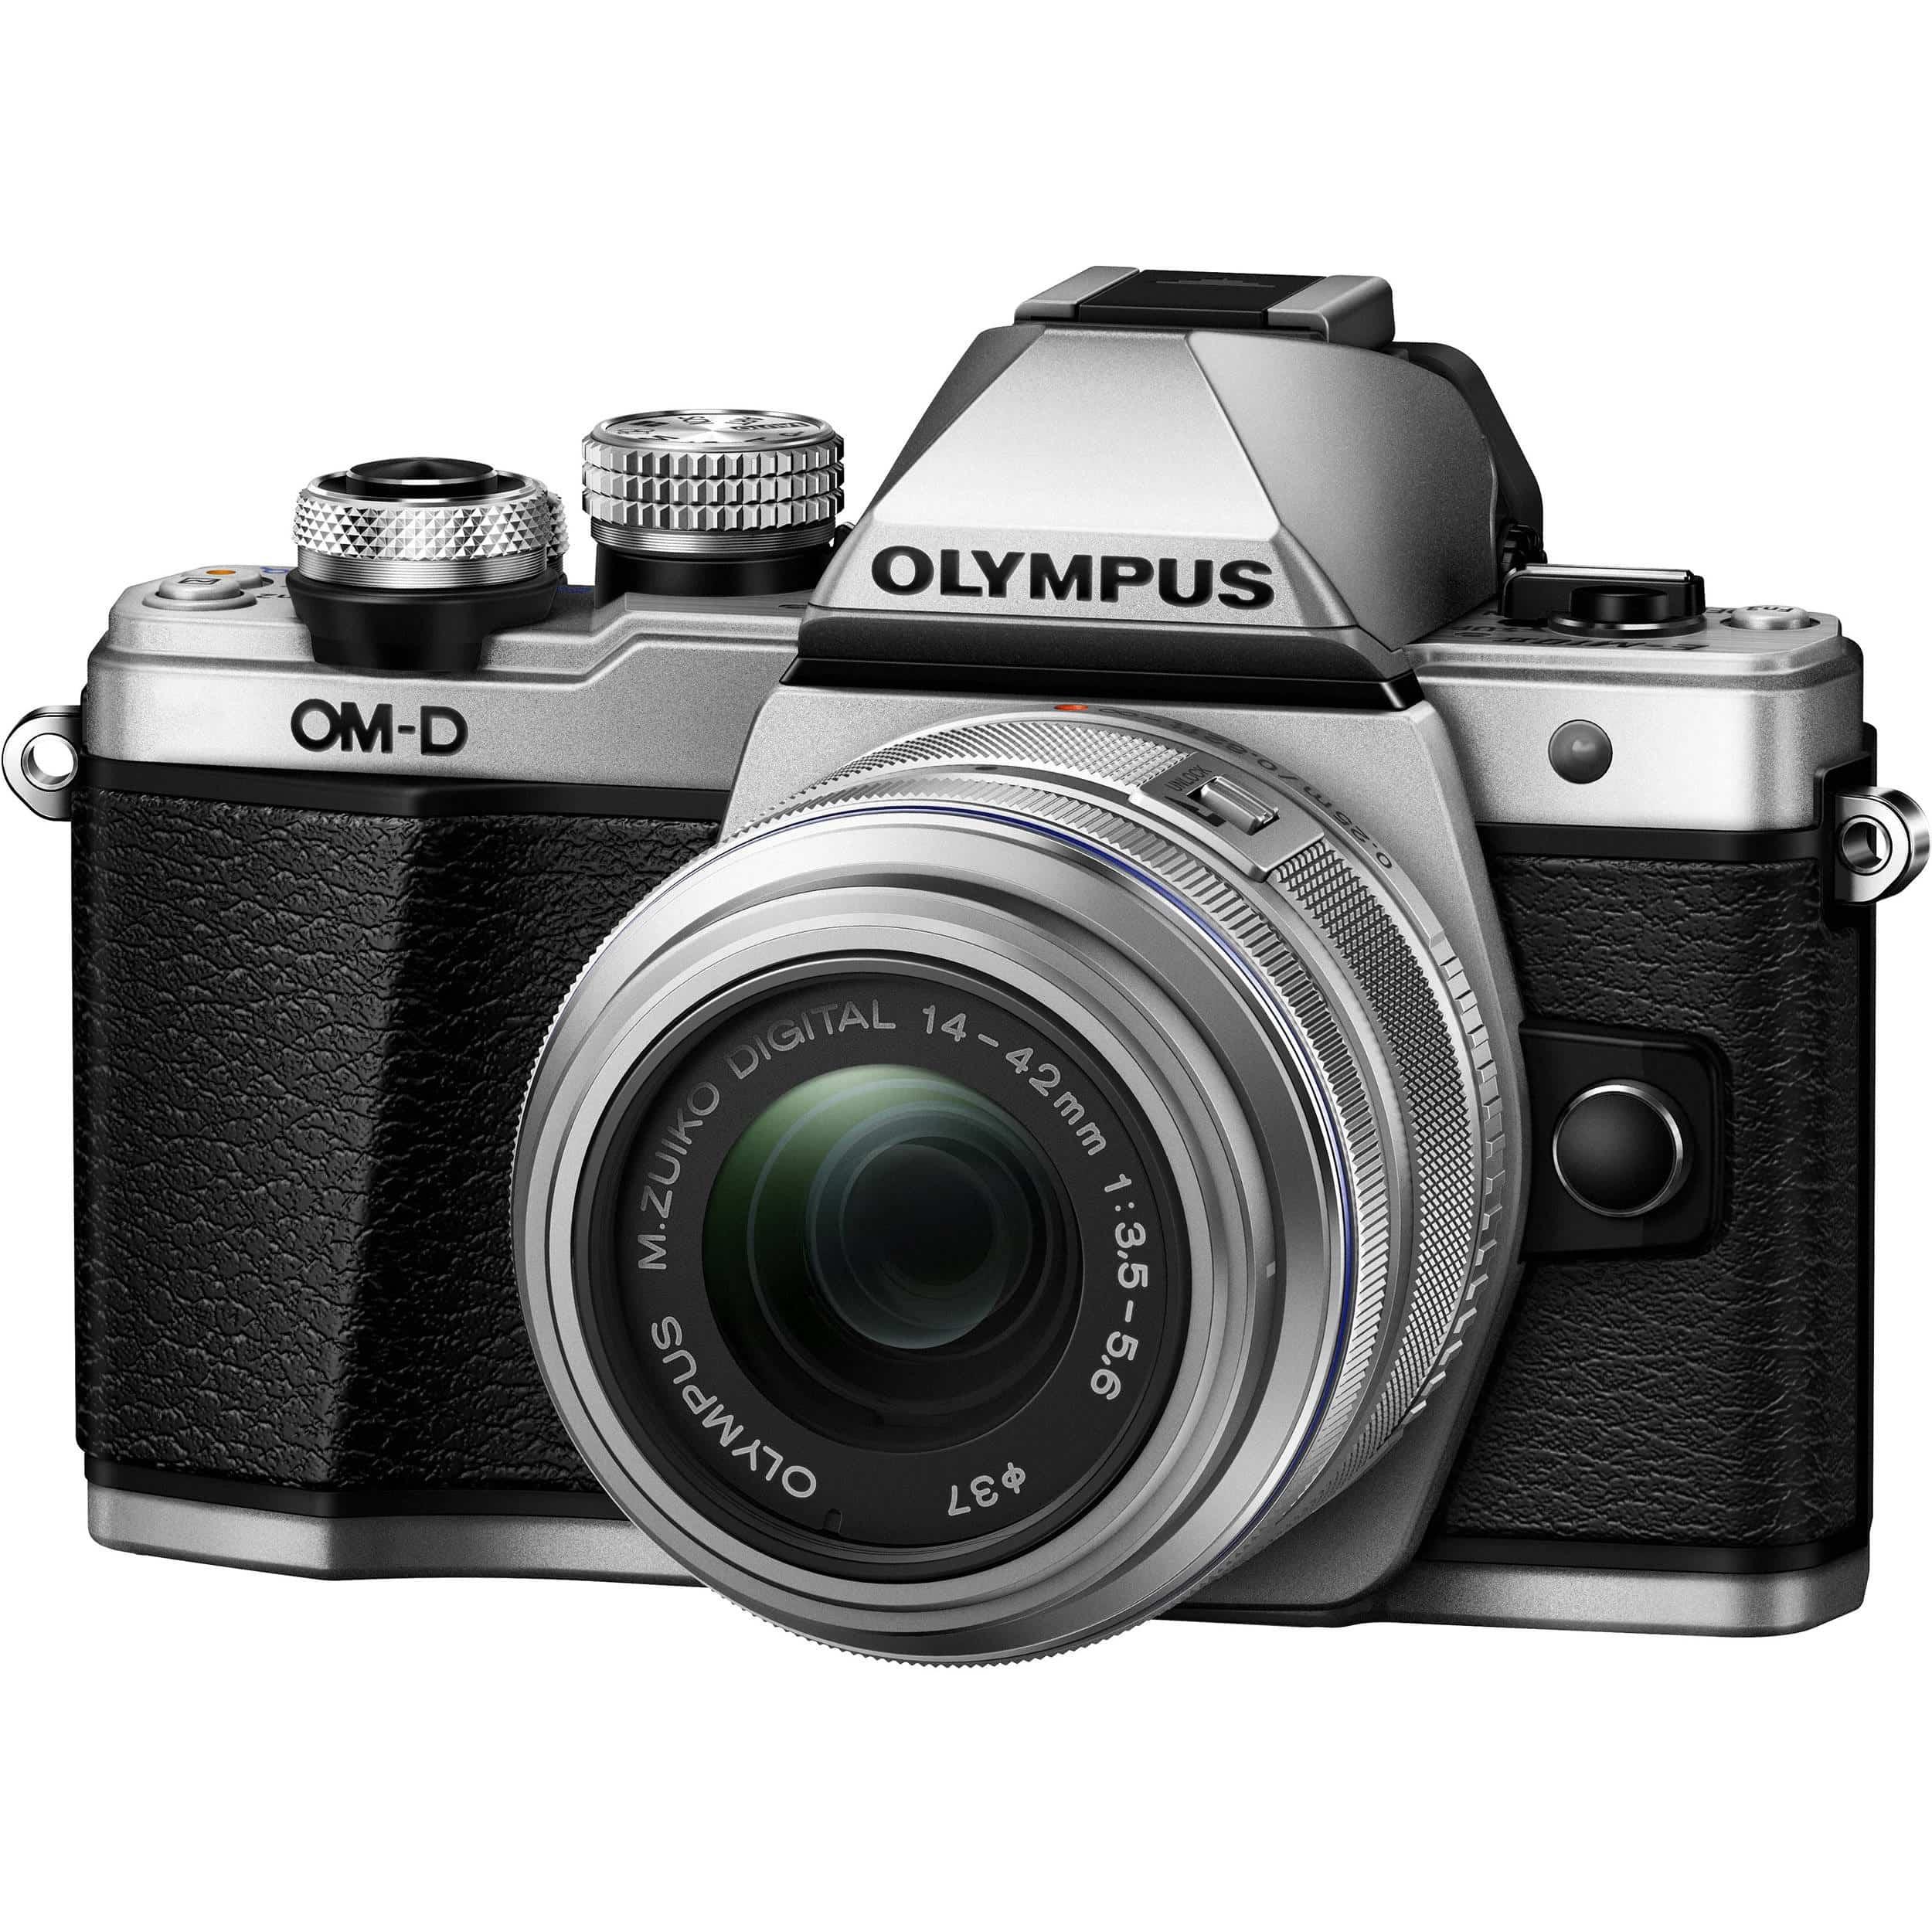 Olympus-OM-D-EM10-Mark-II-Silver